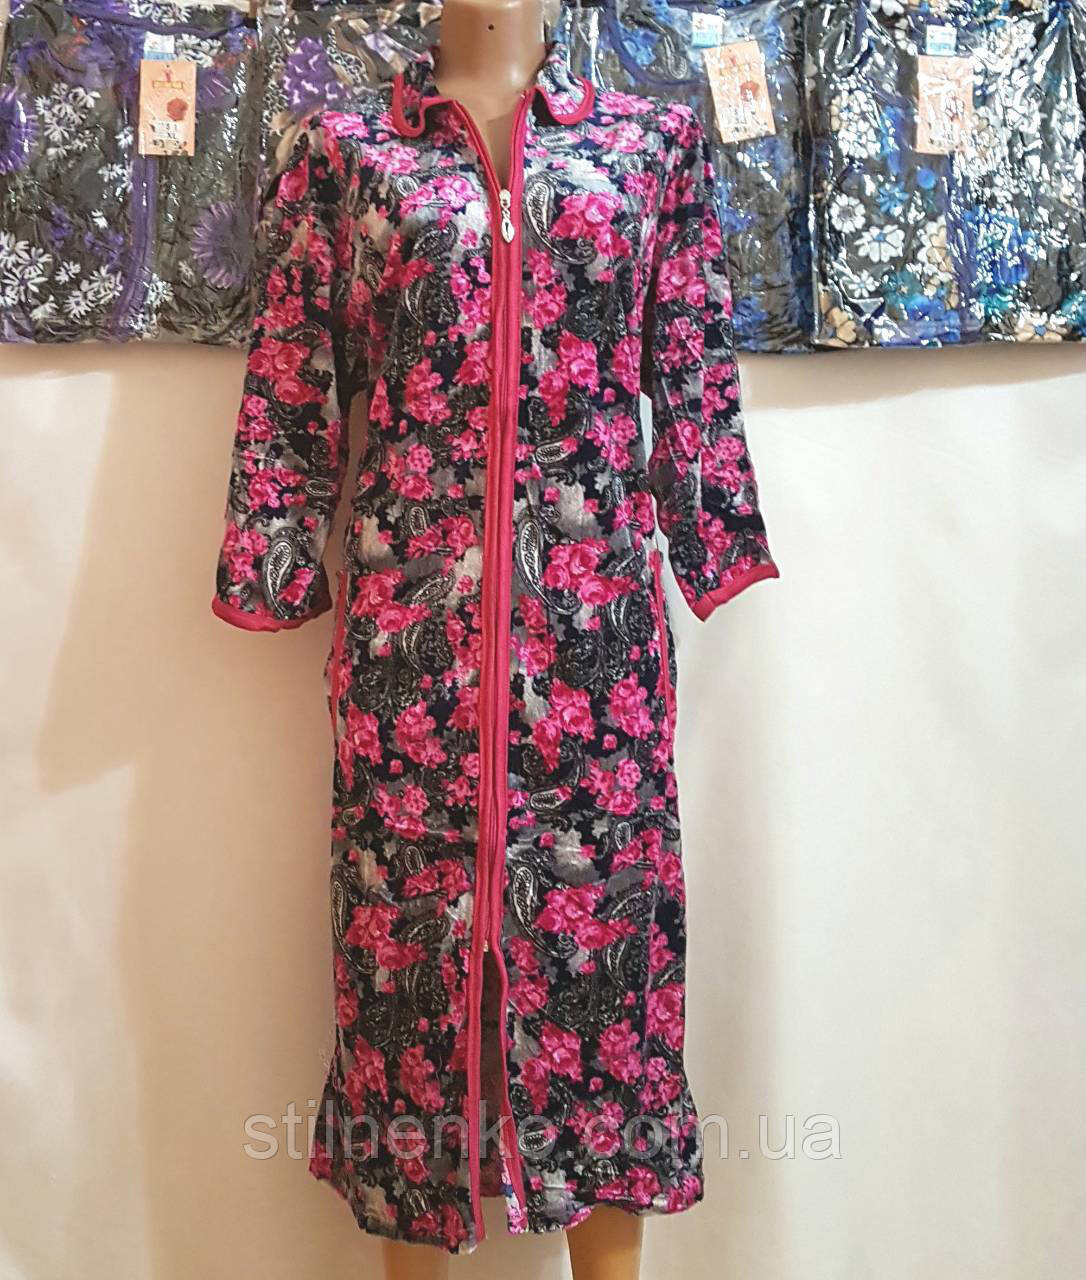 Жіночий халат велюровий (теплий)